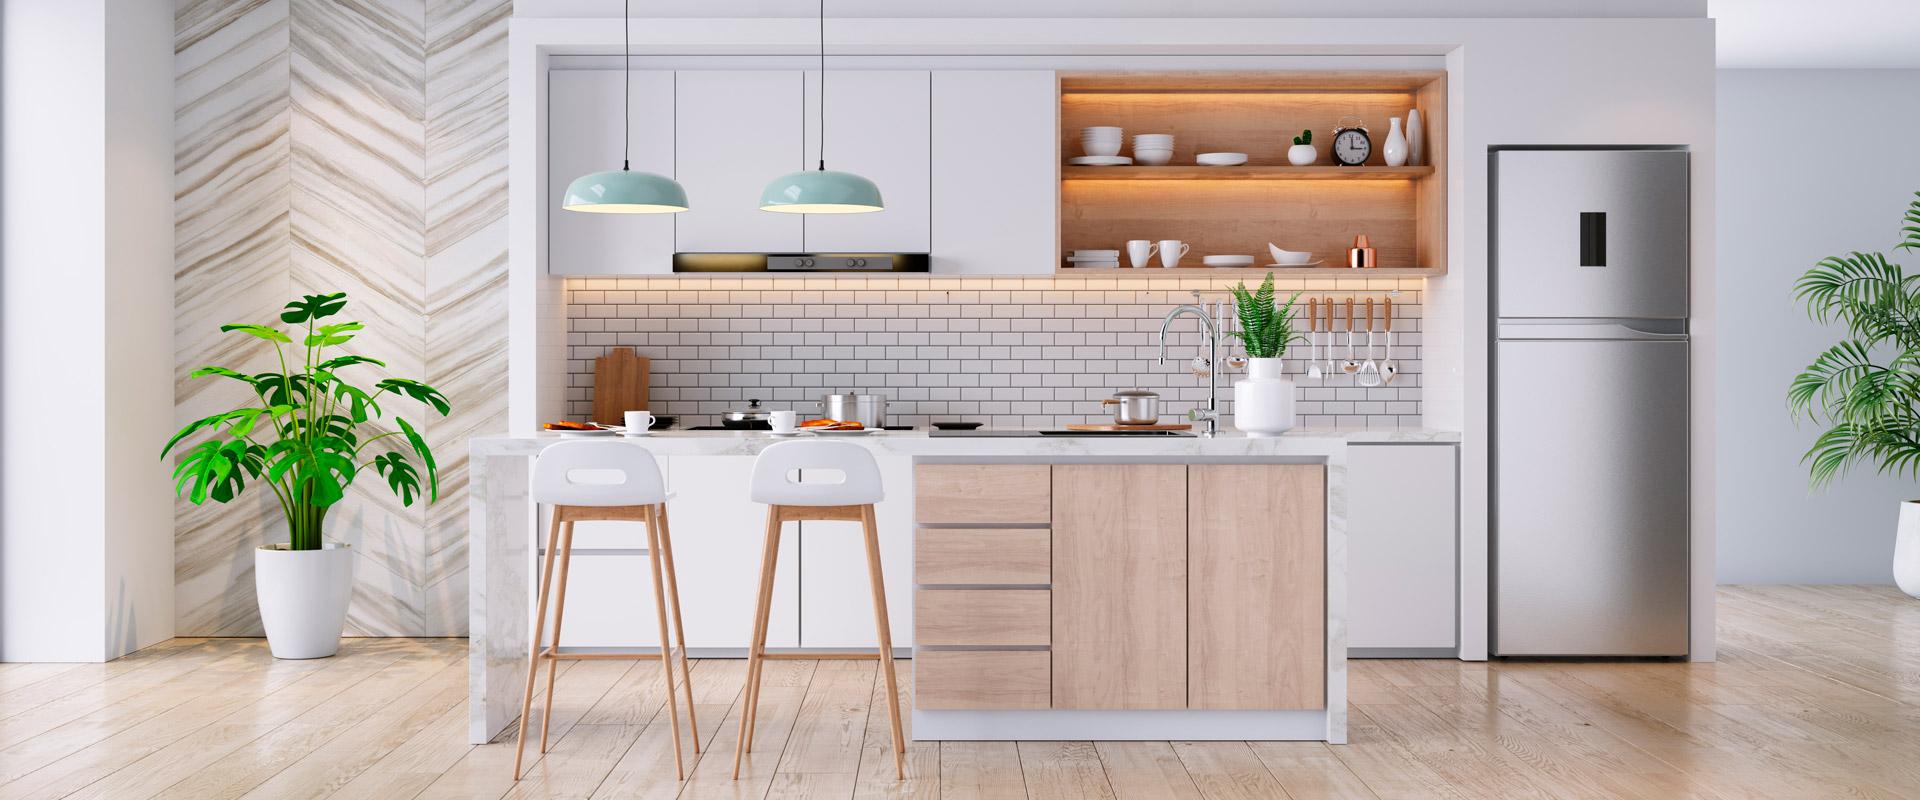 Decoração de Cozinhas: principais dicas